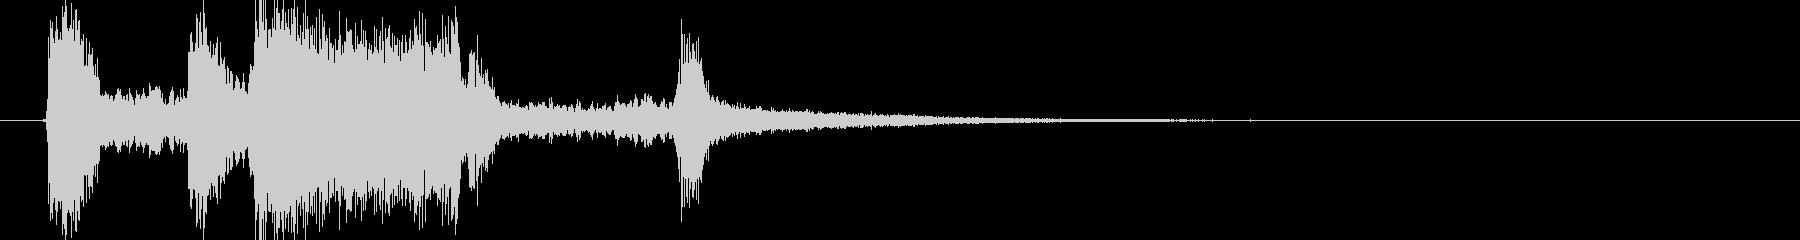 テッテレー(レベルがアップする音)の未再生の波形